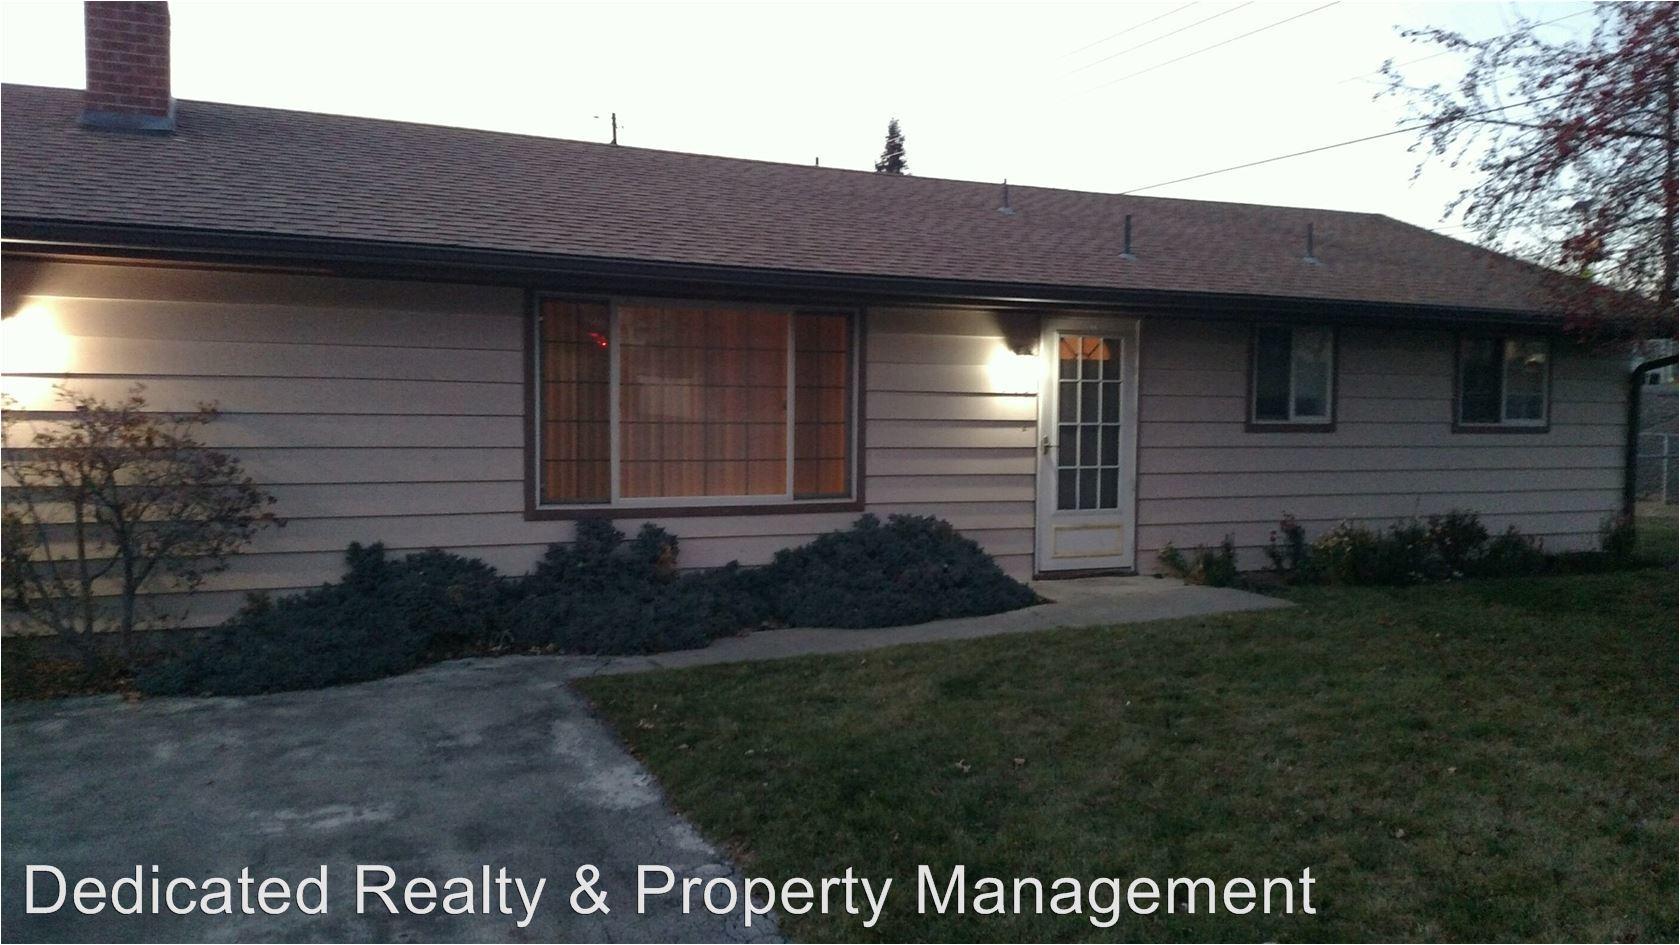 Homes for Sale In Yakima Wa 202 S 61st Ave Yakima Wa 98908 for Rent Trulia